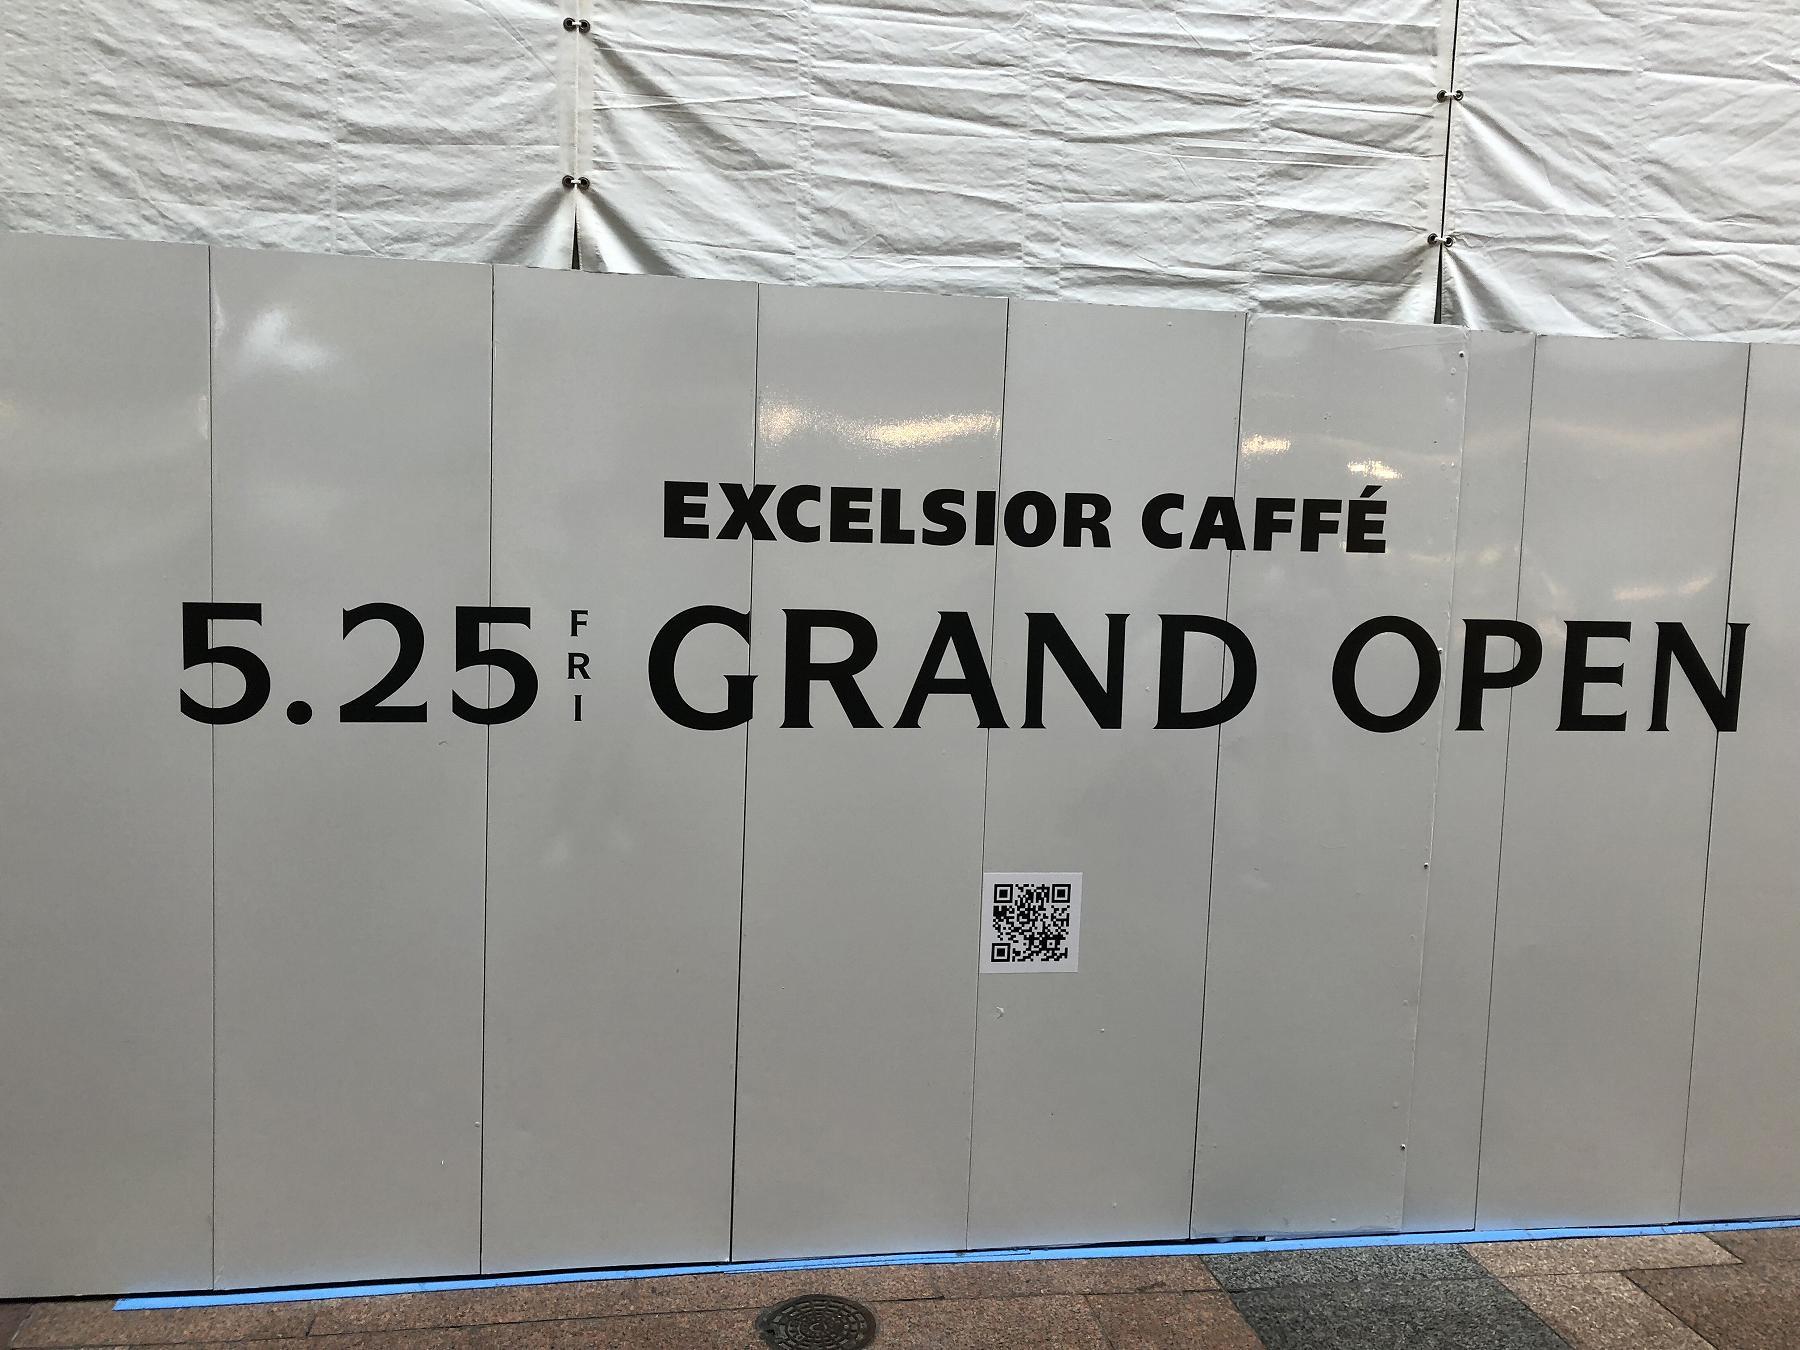 神戸・三宮センター街に5/25(金)「 #エクセルシオールカフェ三宮センター街店 」がオープンするよ! #新規オープン #excelsiorcaffe #三宮センター街